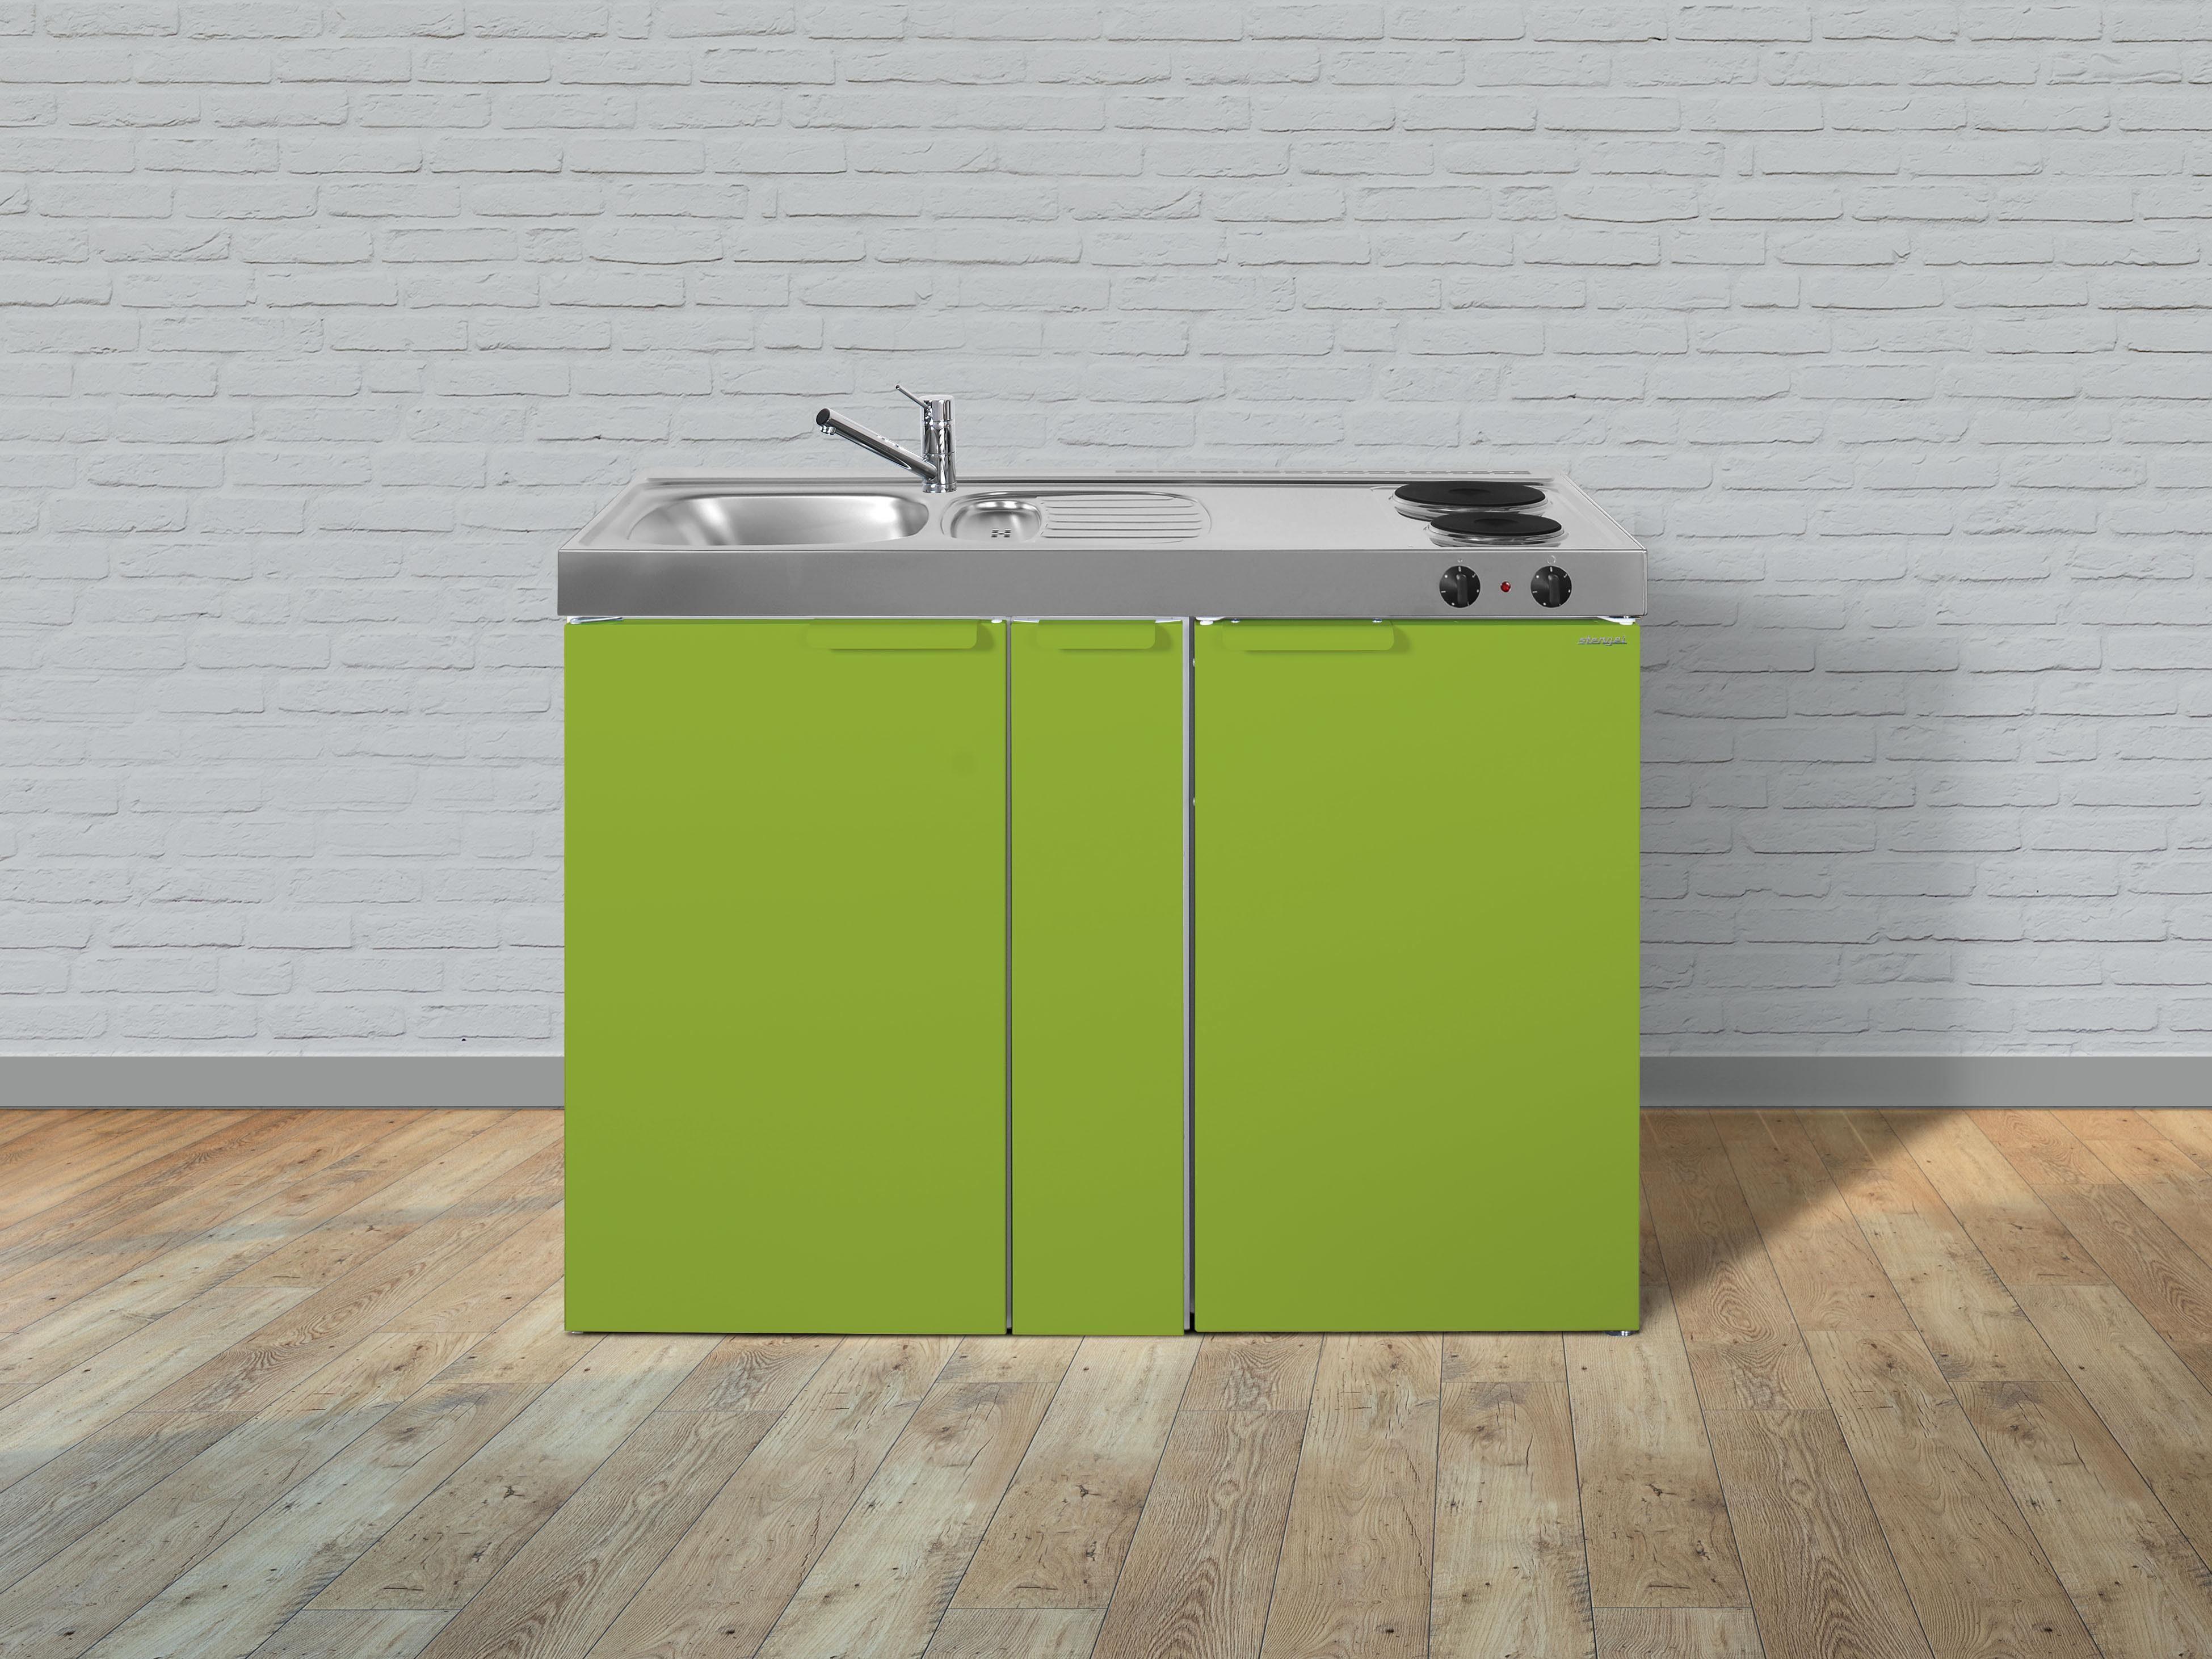 Miniküche Mit Kühlschrank 120 Cm : Stengel metall miniküche mk a apothekerauszug kühlschrank